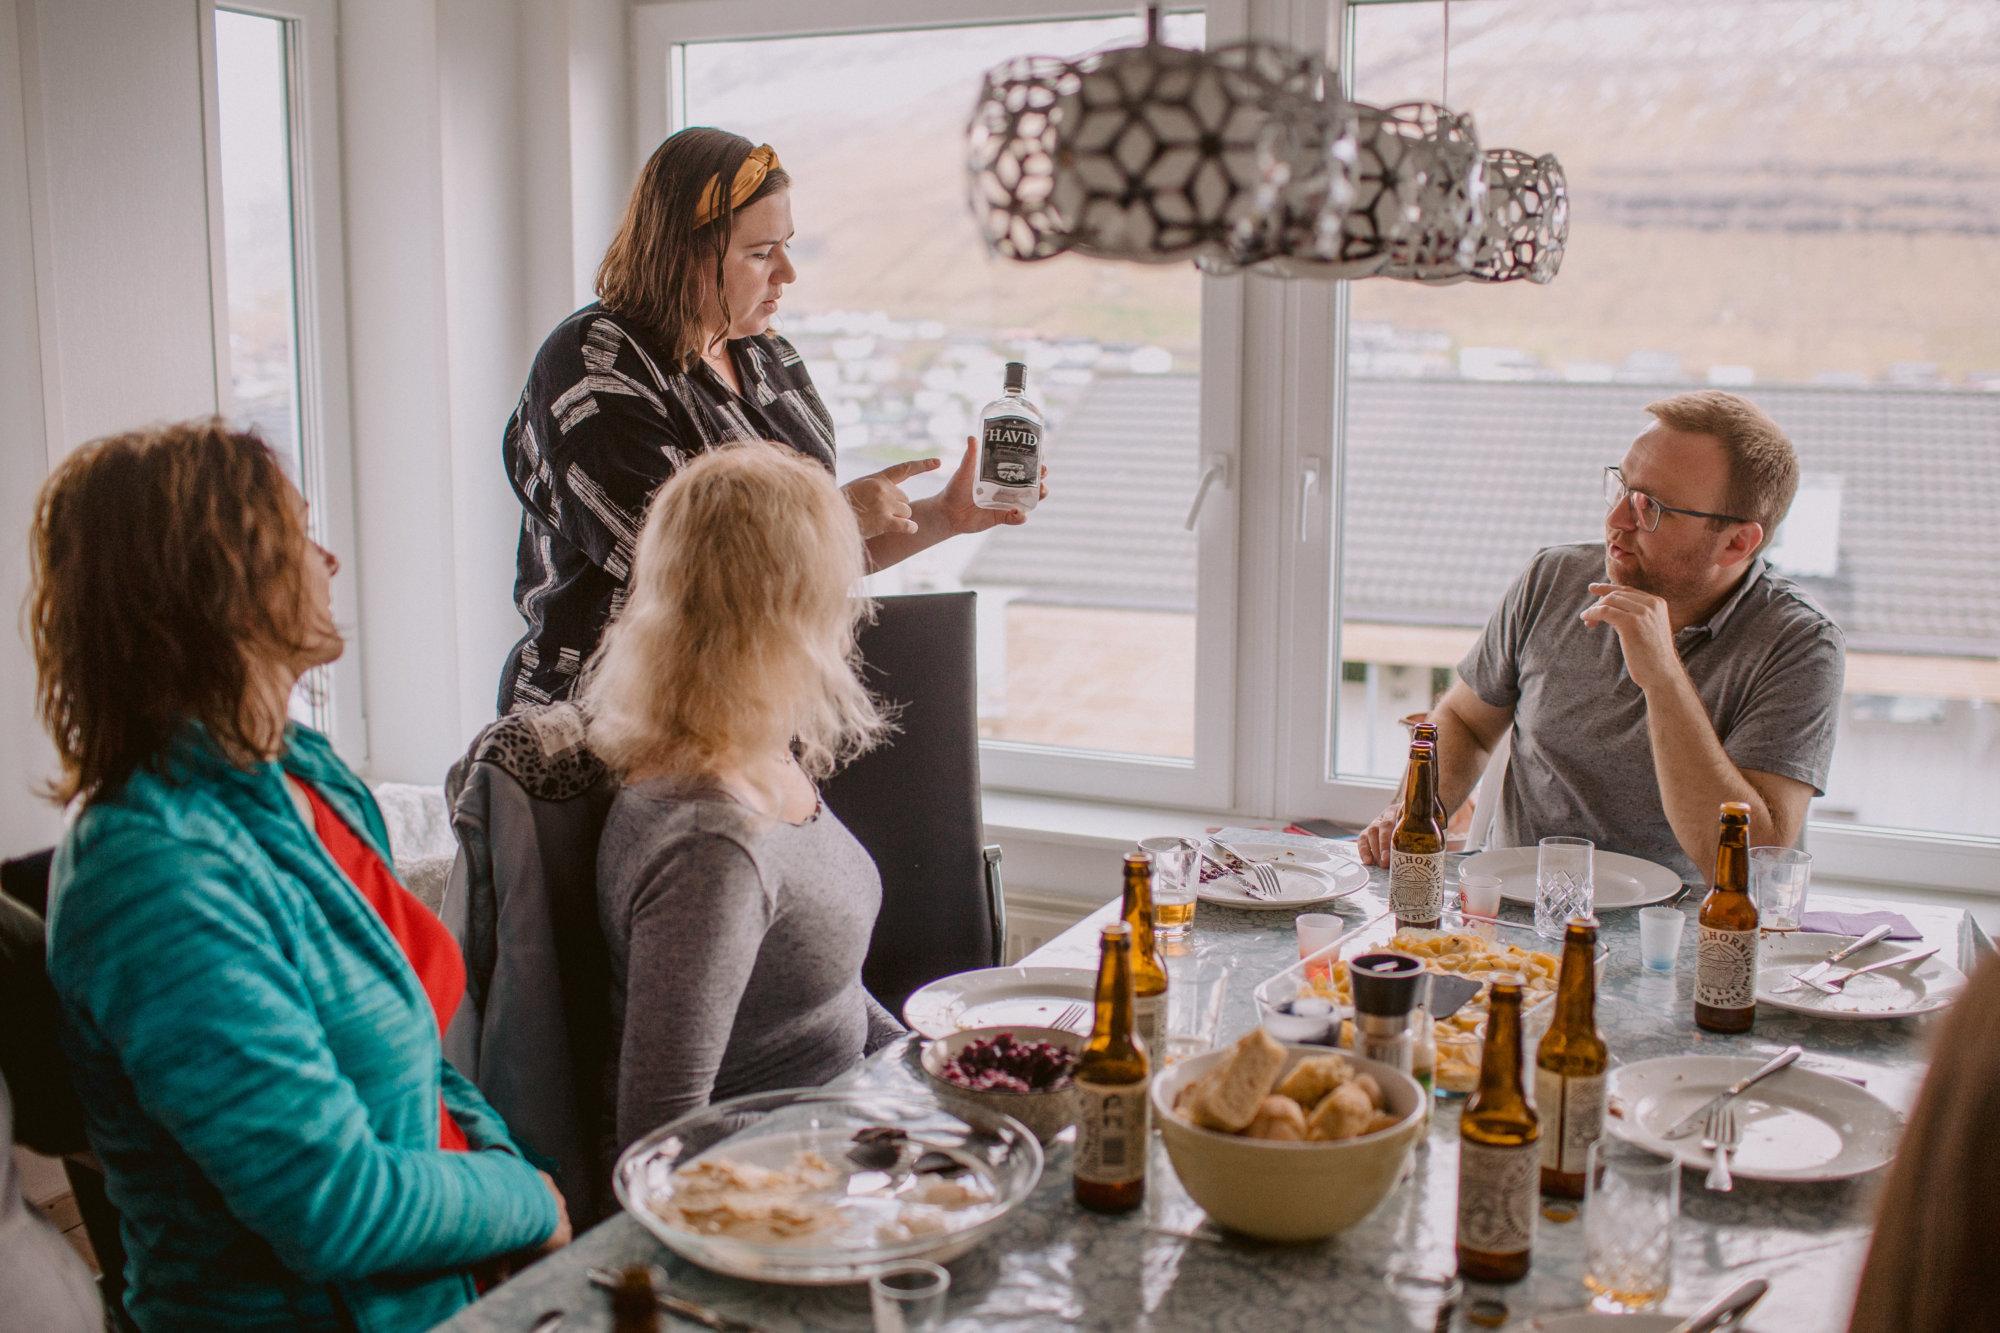 Kolacja farerska podczas wycieczki na Wyspach Owczych